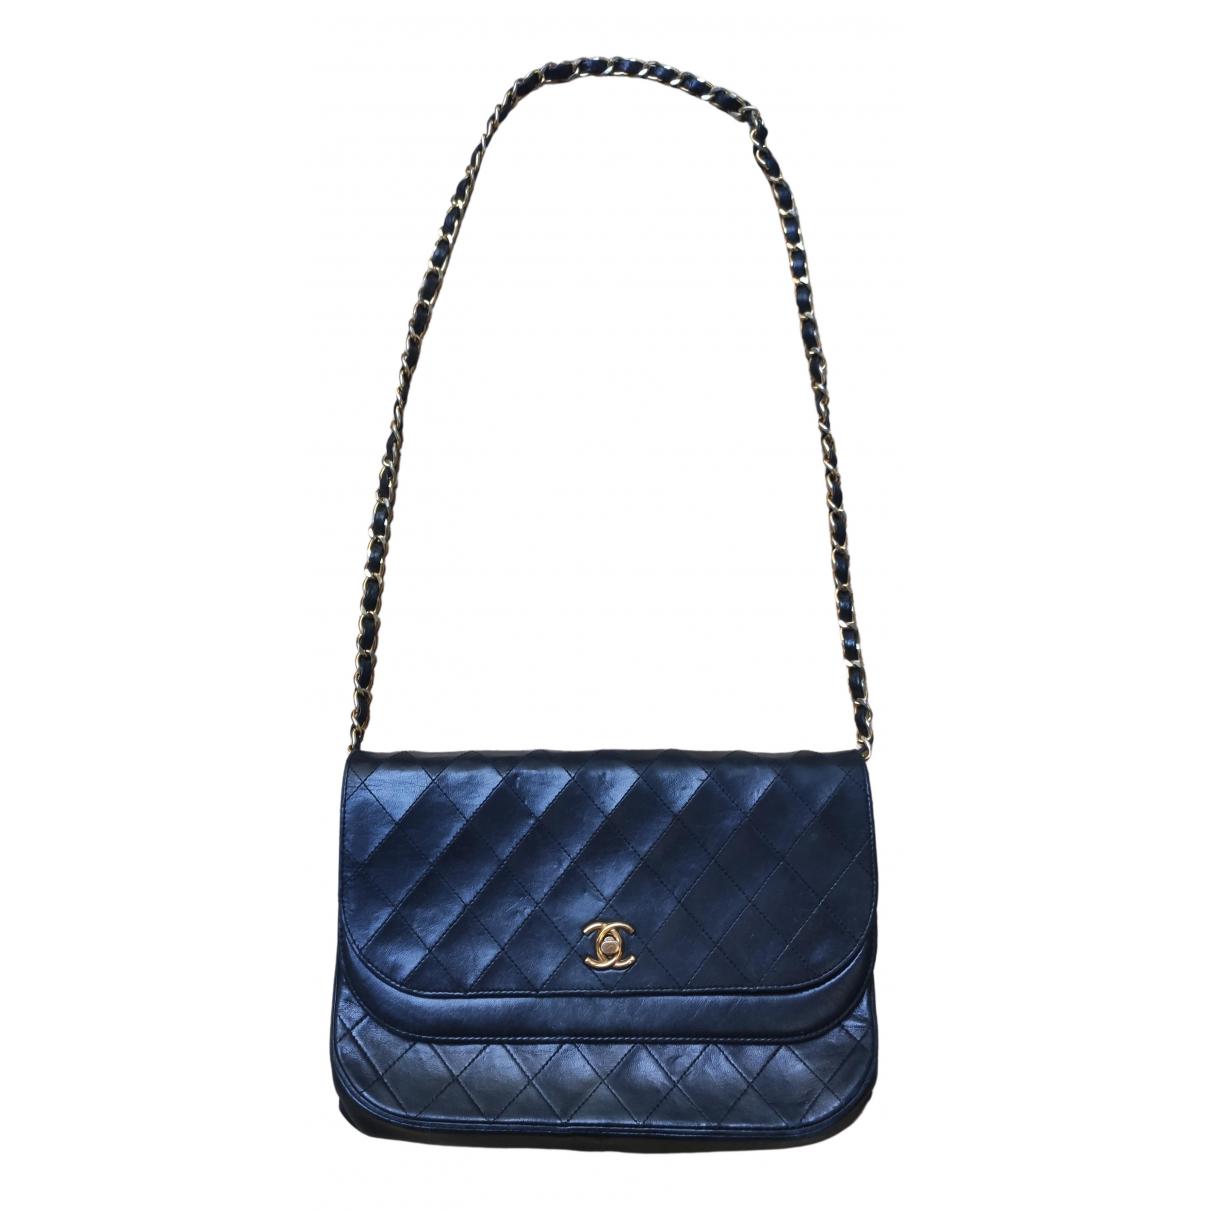 Chanel 31 Vintage  Black Leather handbag for Women N